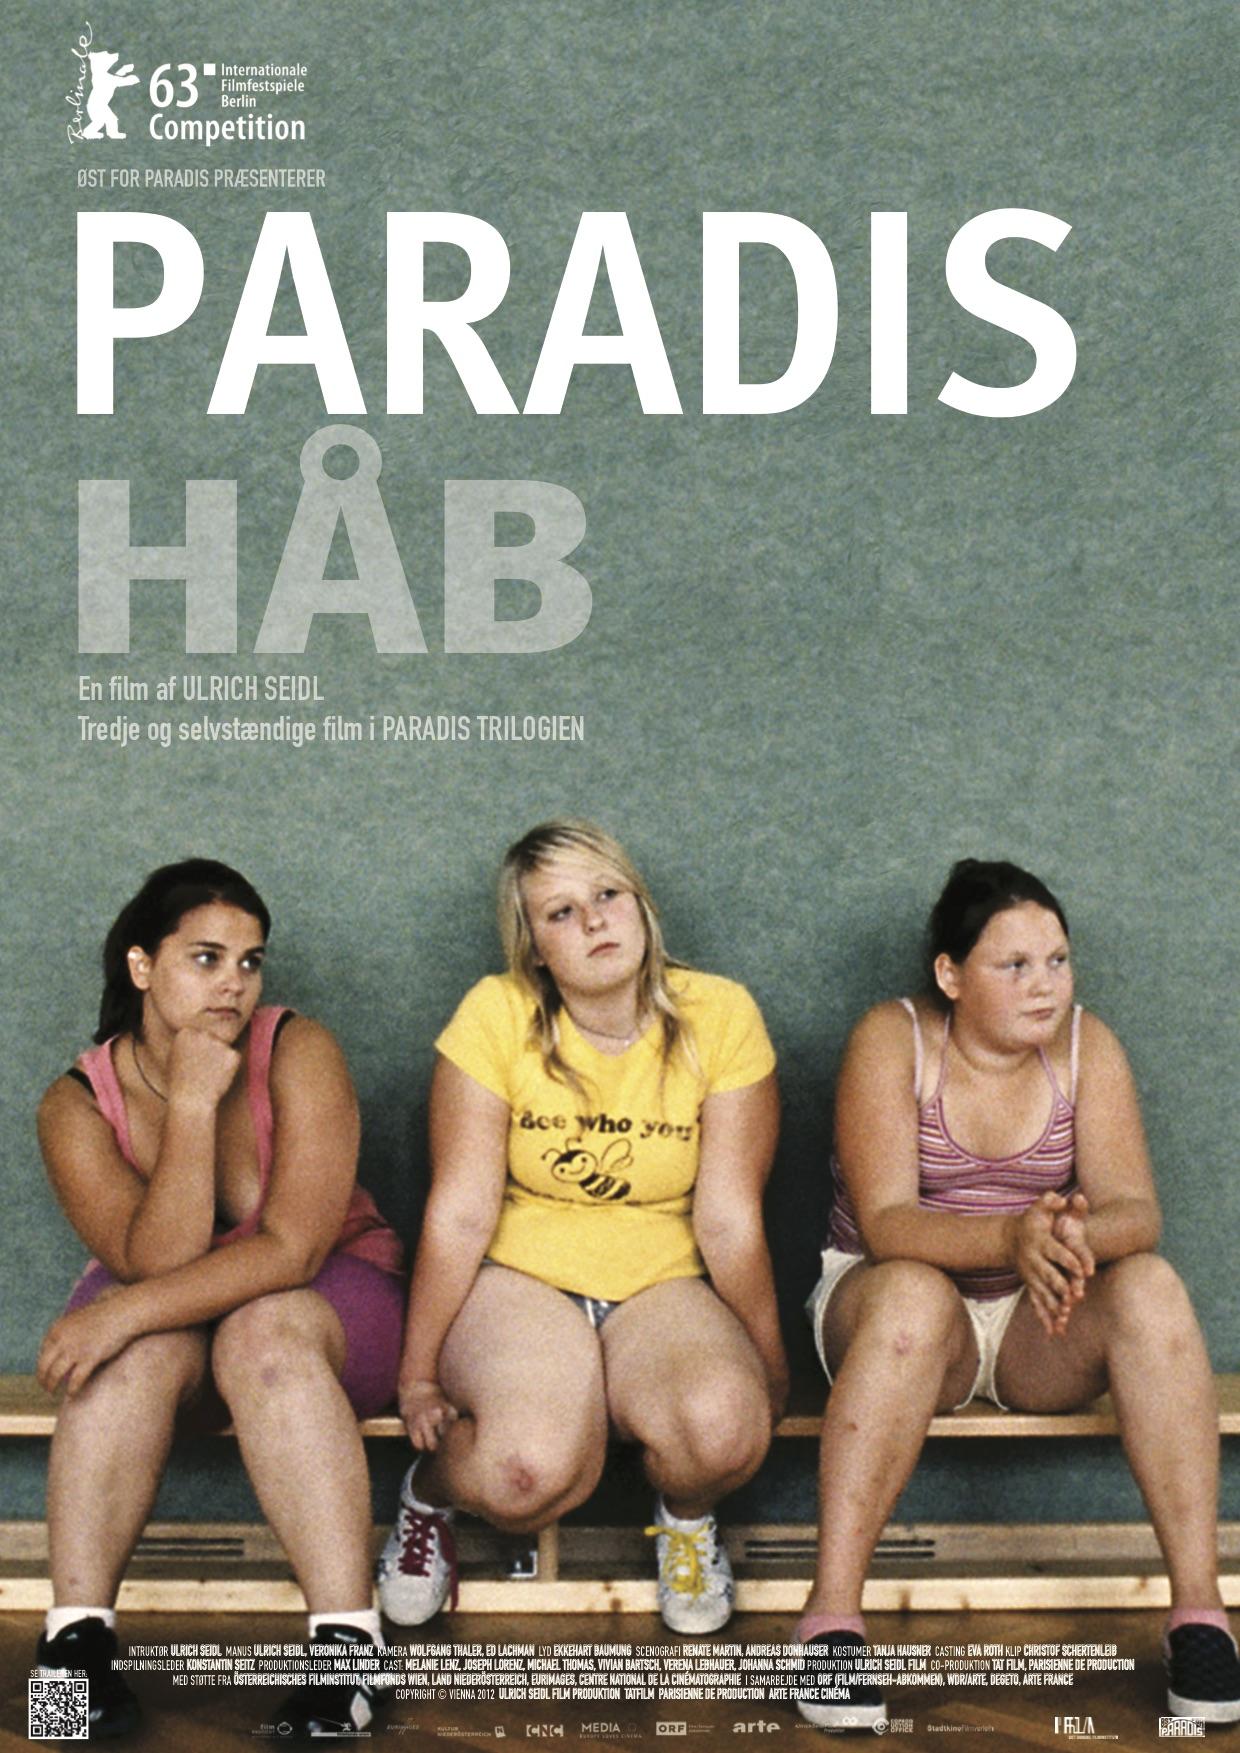 Paradis: Håb